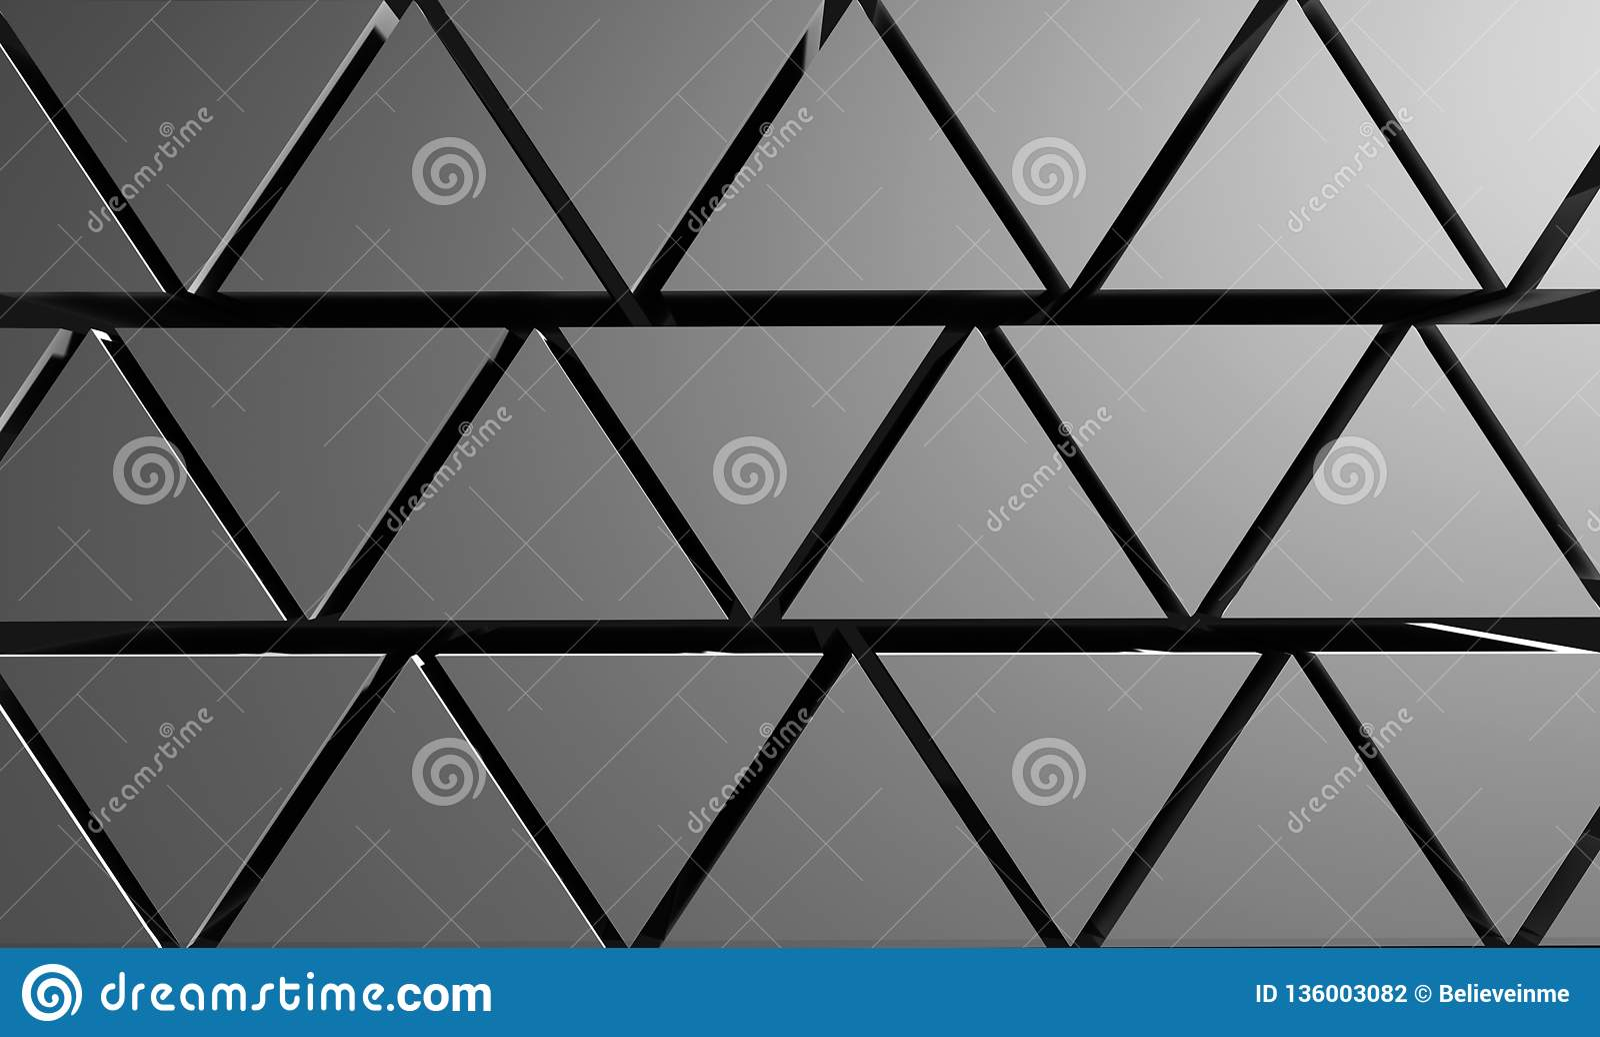 Pyramiderna gör sammandrag bakgrund från trianglar av grå färg illustration 3d